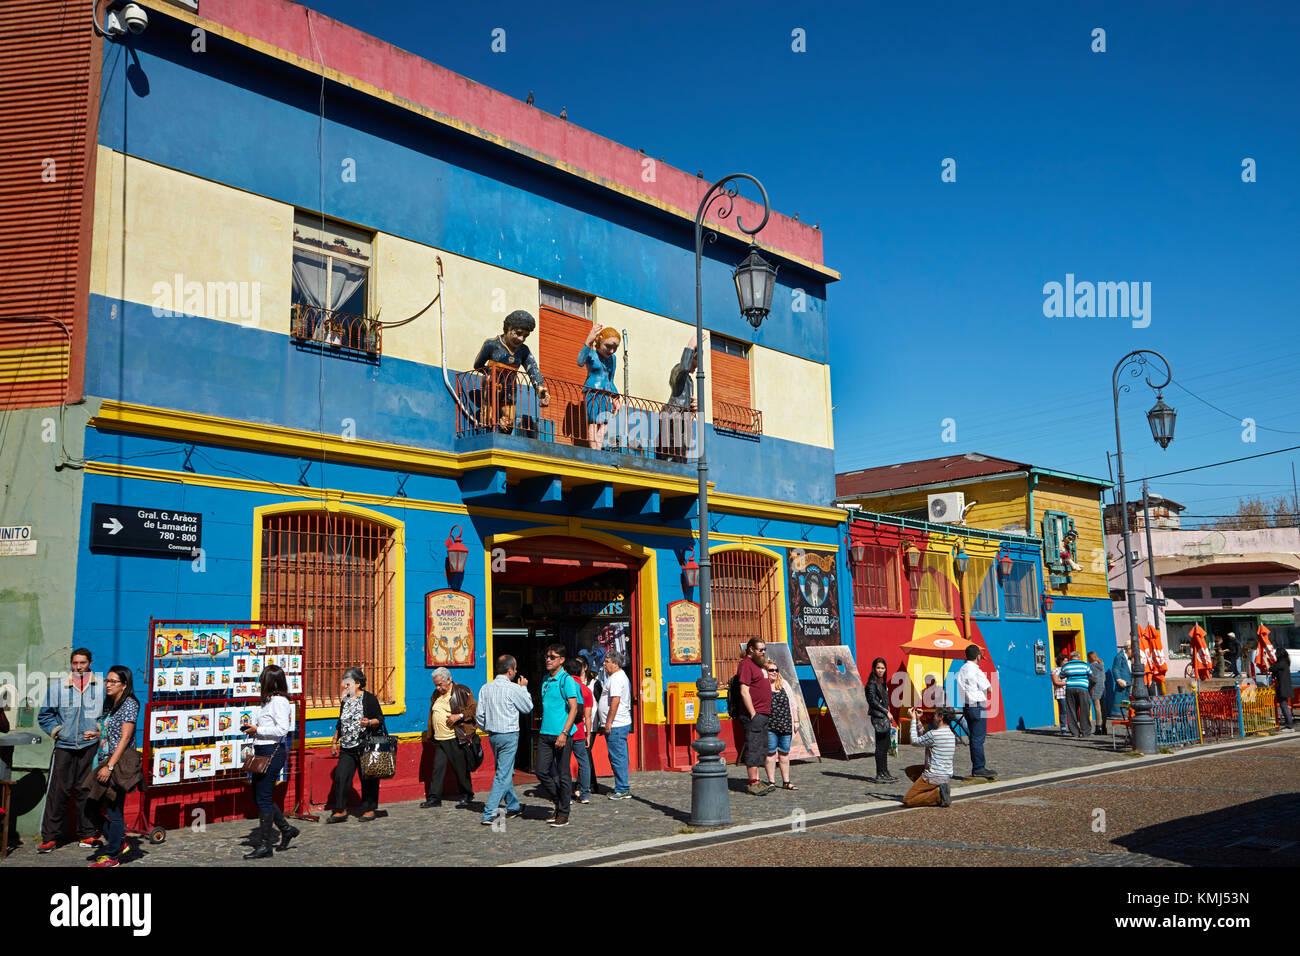 Turisti e negozi di souvenir, la Boca, buenos aires, Argentina, Sud America Immagini Stock